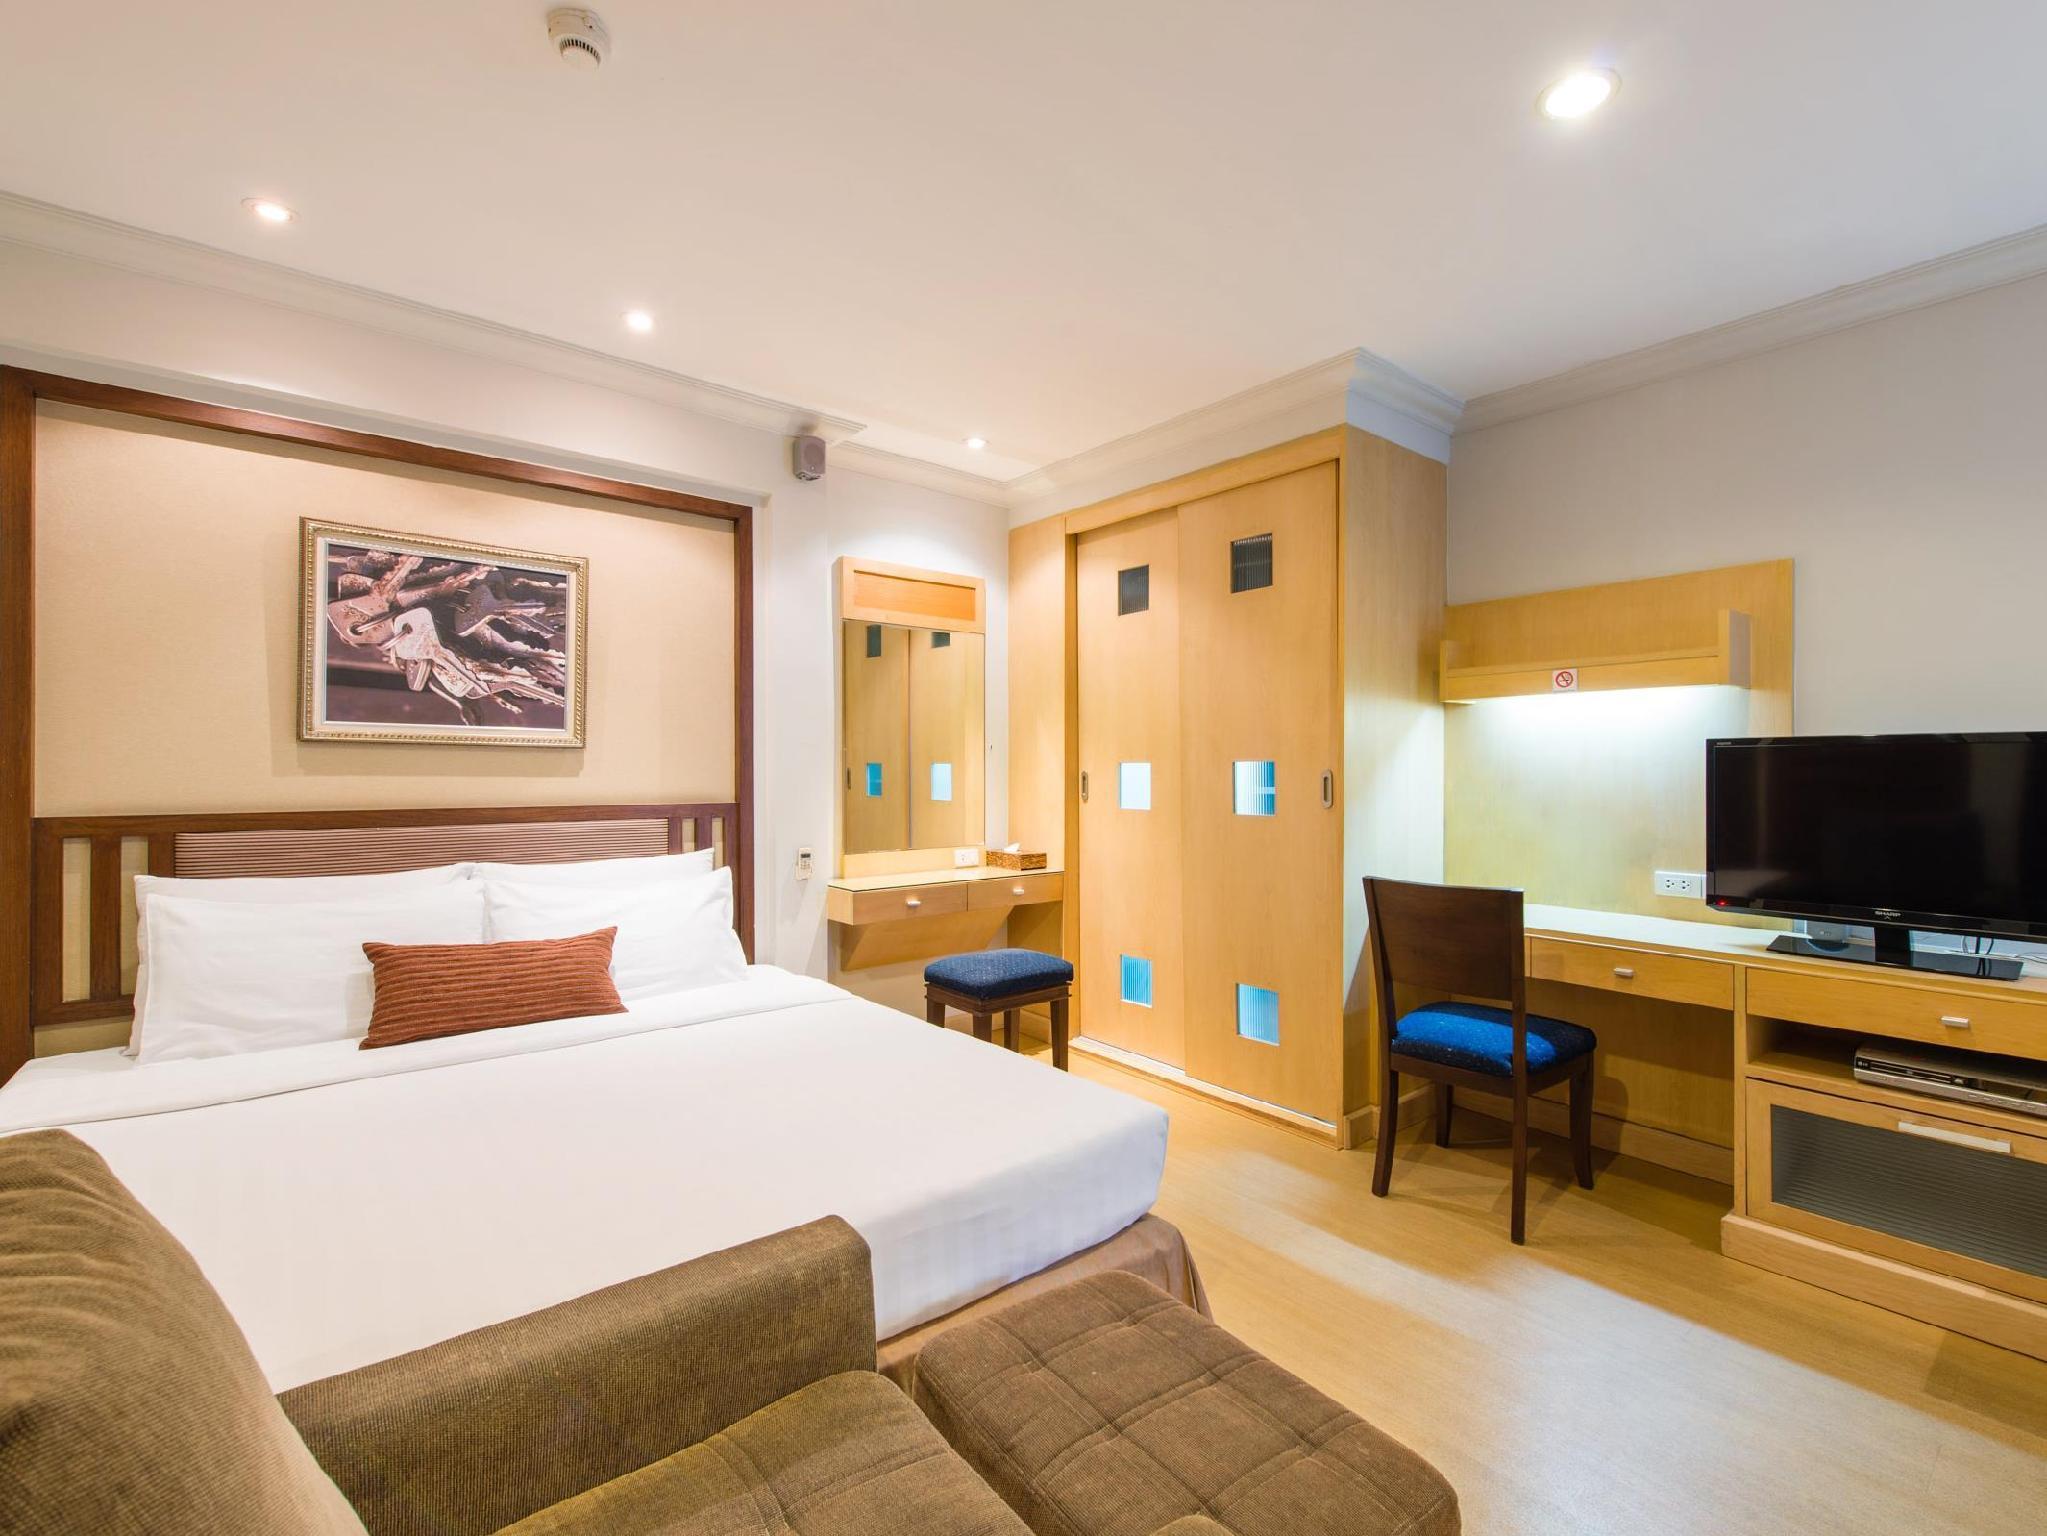 ザ キー スクンビット バンコク バイ コンパス ホスピタリティ (The Key Sukhumvit Bangkok by Compass Hospitality)